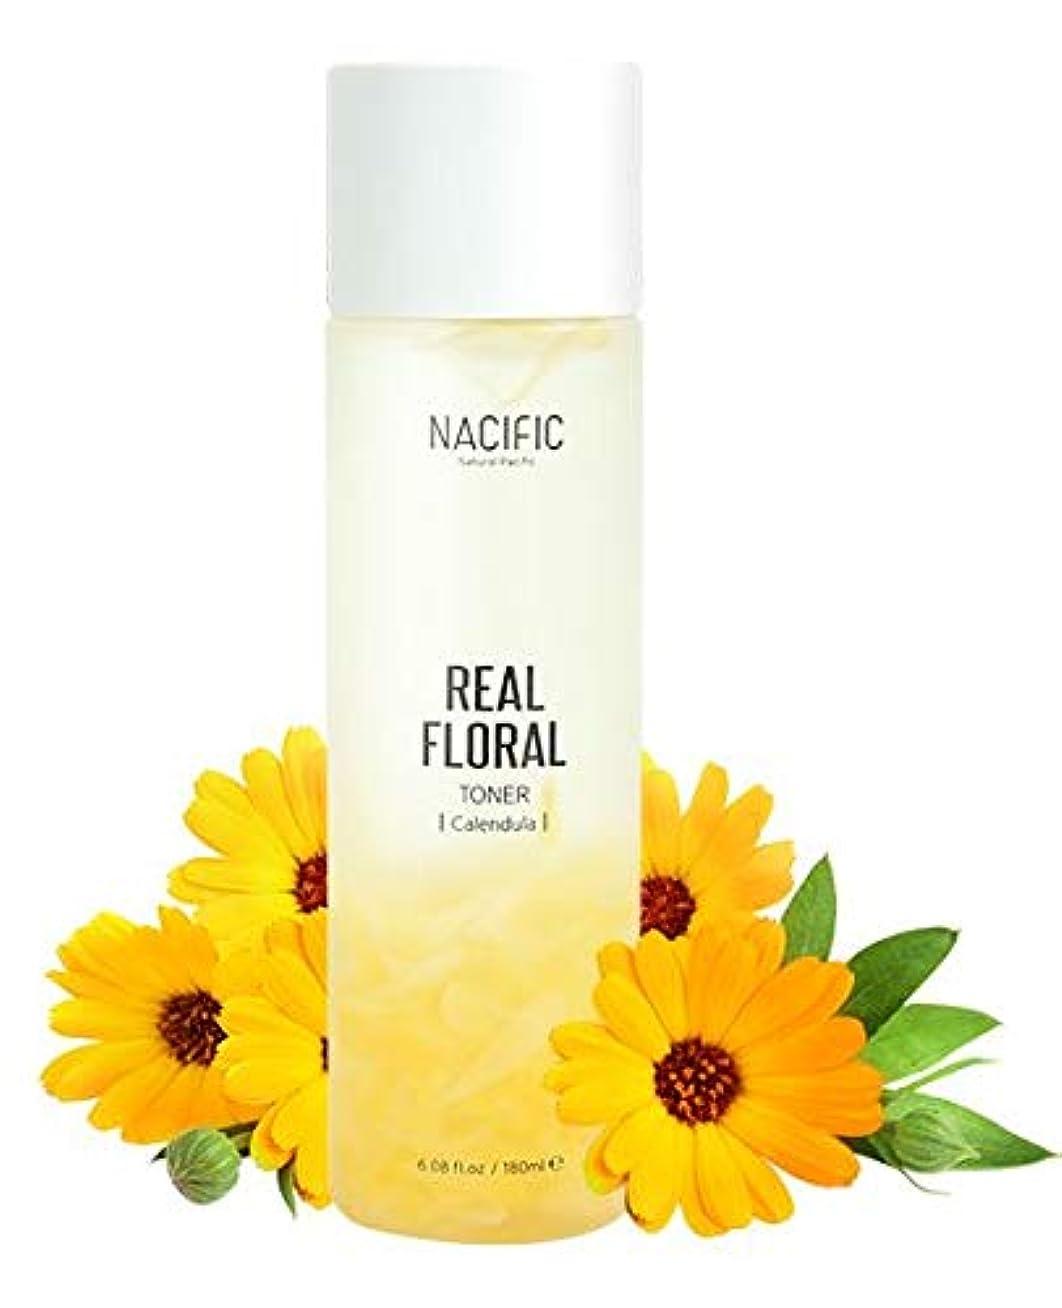 マーケティング怠けたひばり[Nacific] Real Floral Toner(Calendula) 180ml /[ナシフィック] リアル フローラル トナー(カレンデュラ) 180ml [並行輸入品]